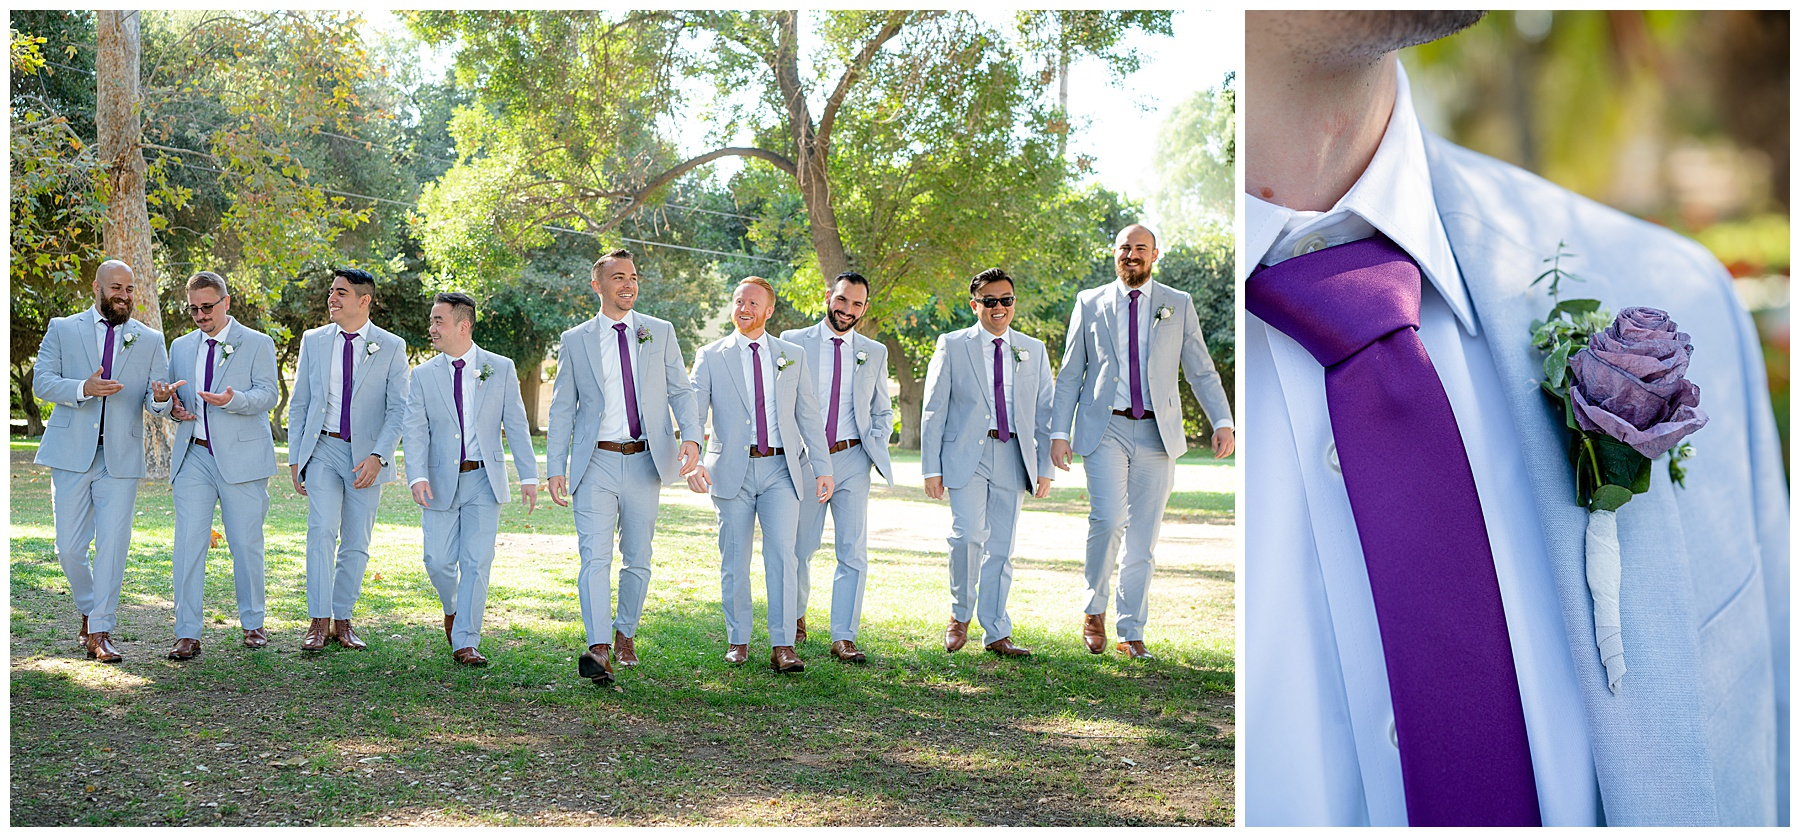 calamigos equestrian center wedding groomsmen